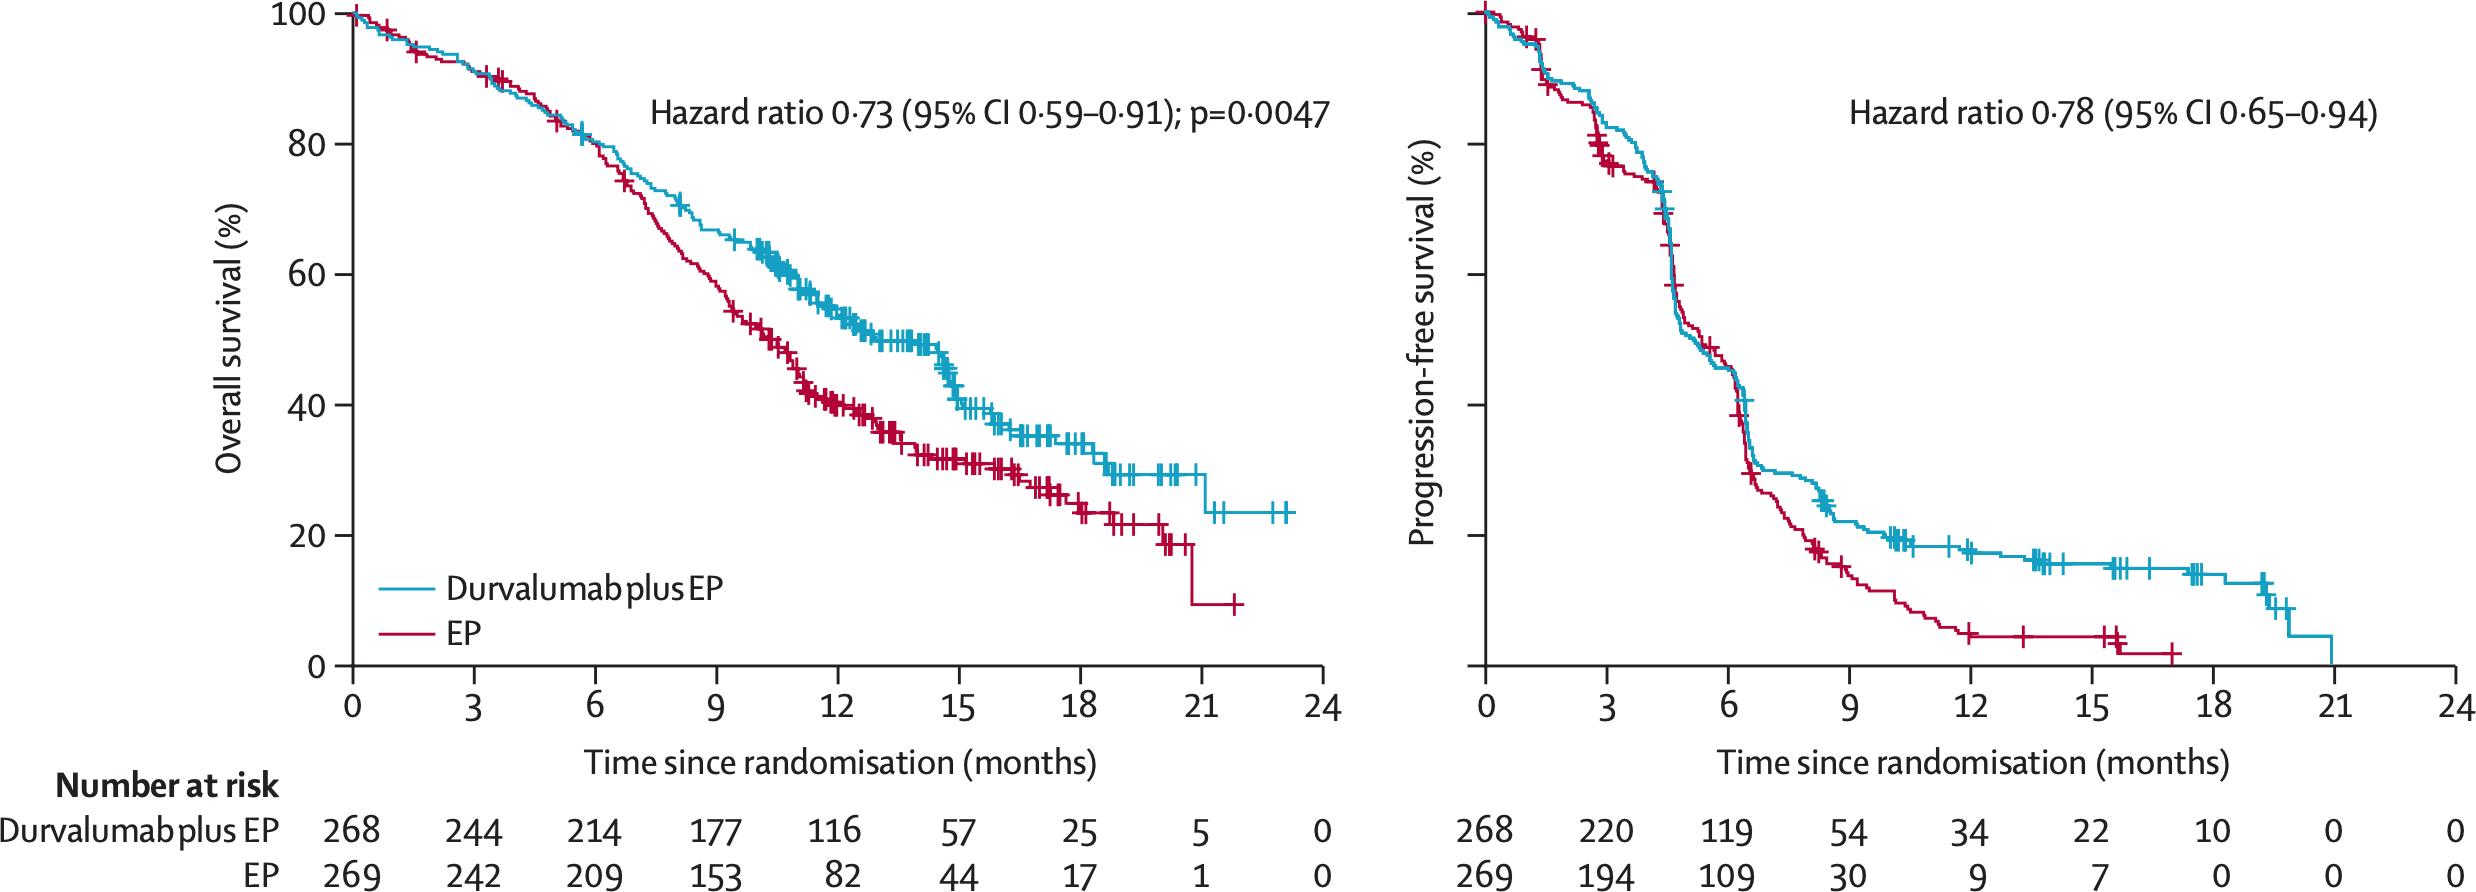 nct03043872 results 02 - «Имфинзи»: первоочередная иммунотерапия мелкоклеточного рака легкого